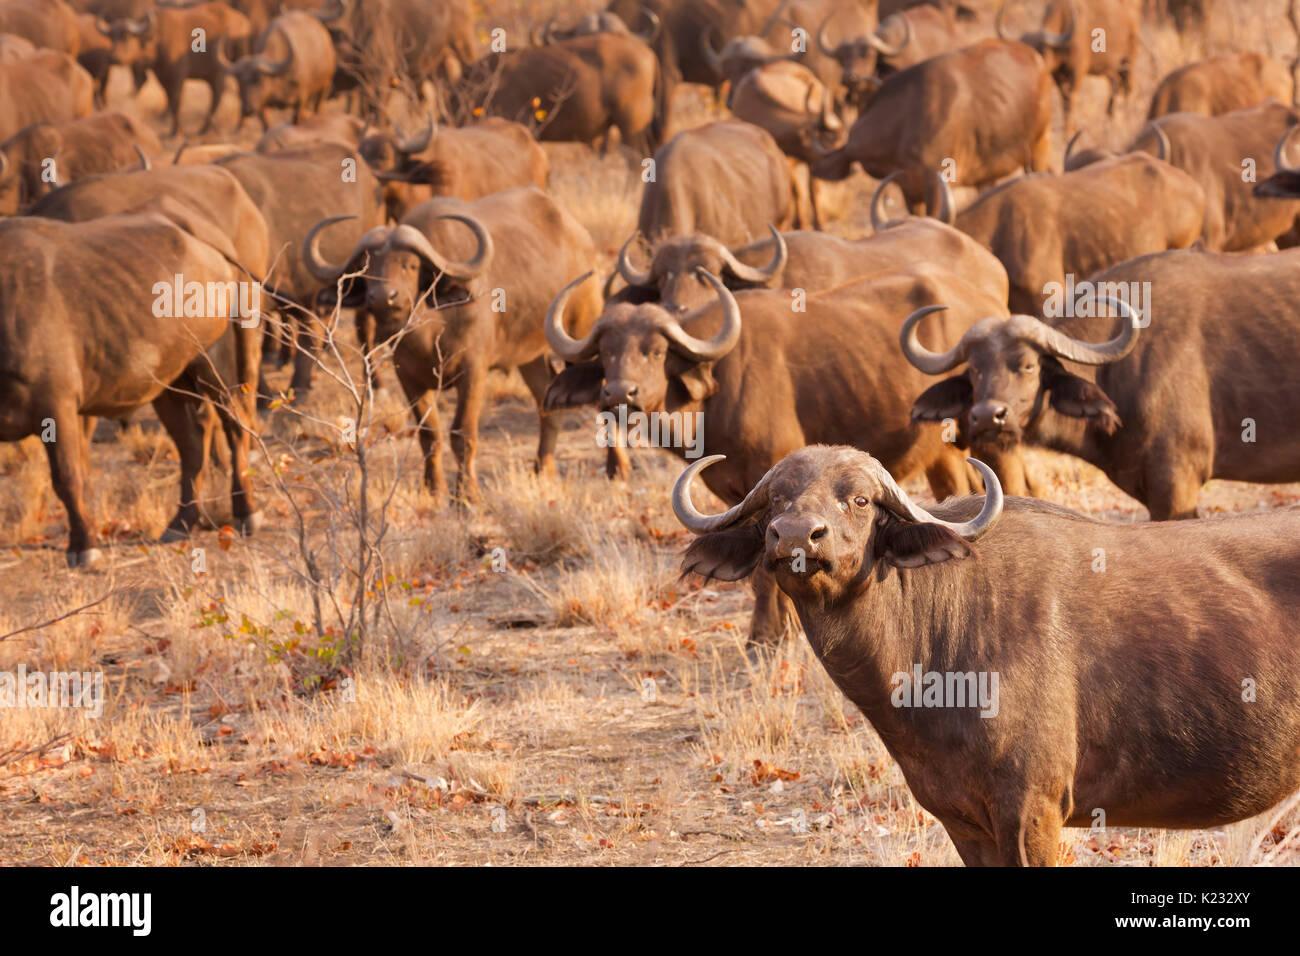 Eine Herde Büffel im Kruger Nationalpark in Südafrika in der frühen Morgensonne. Stockbild